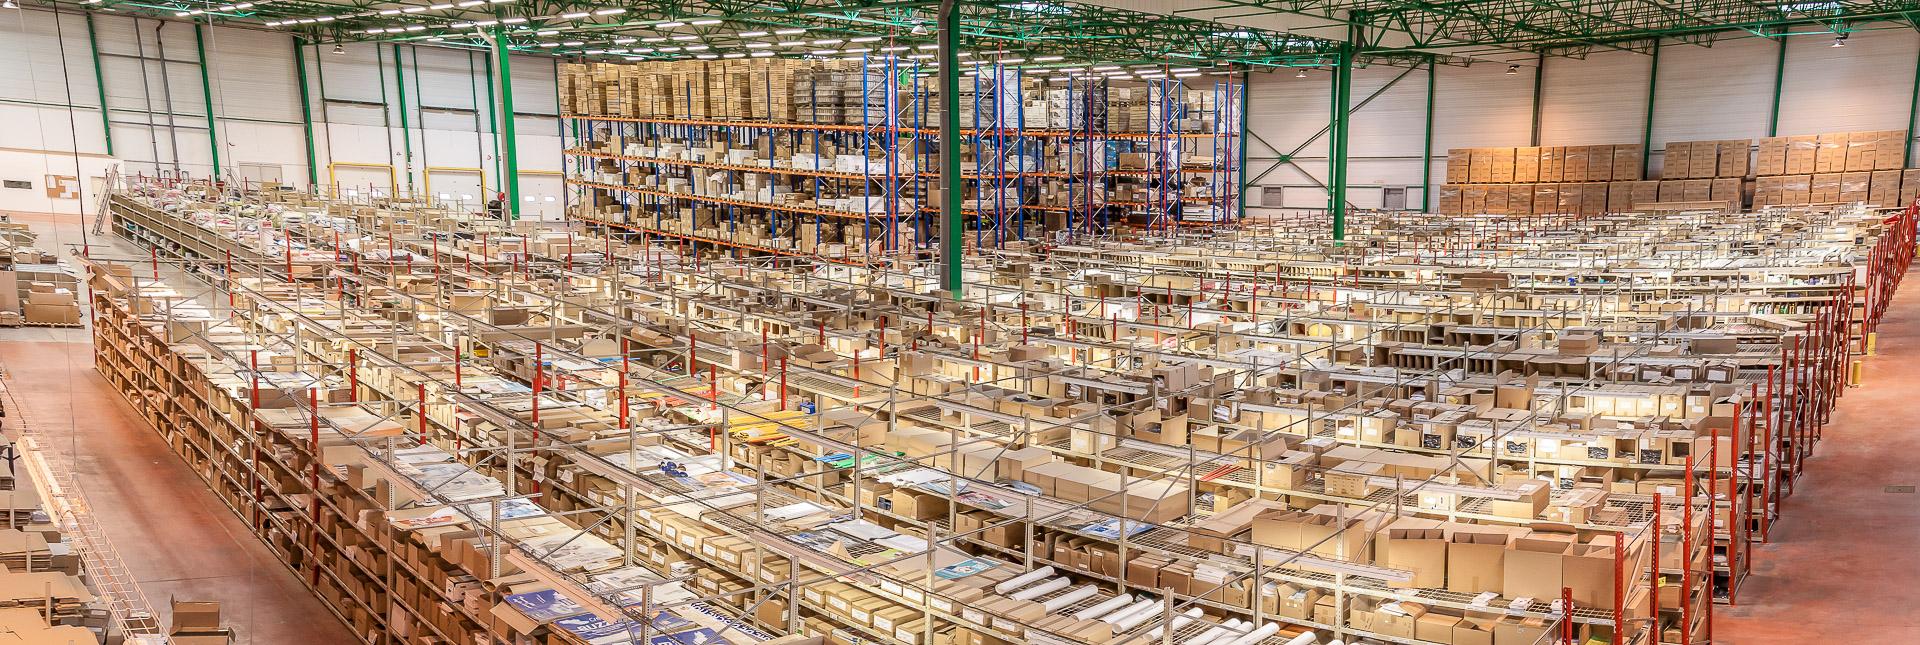 entrepot-logistique-ecommerce